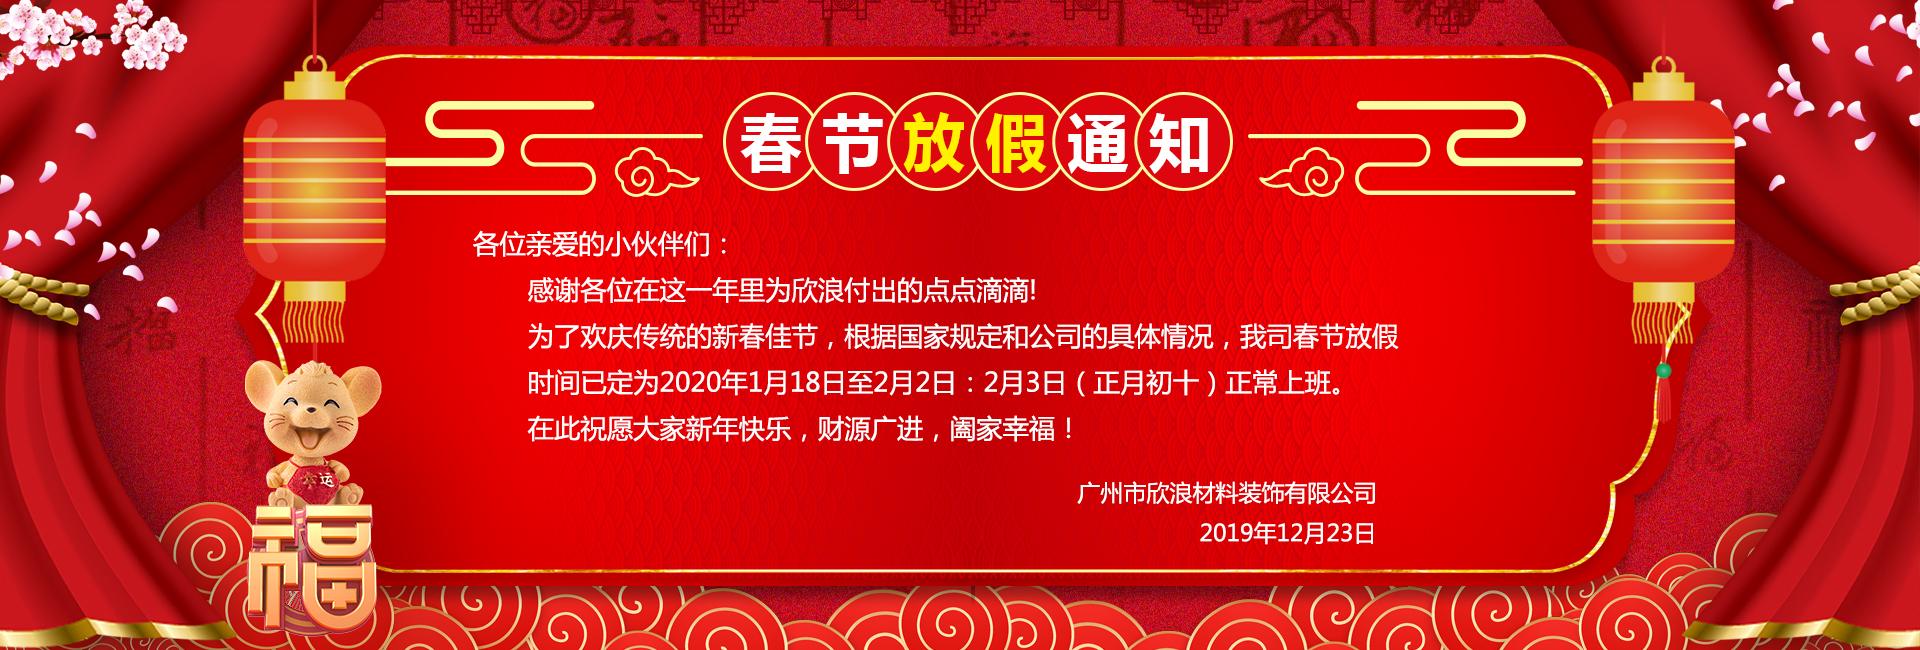 2020年欣浪公司春节放假通知